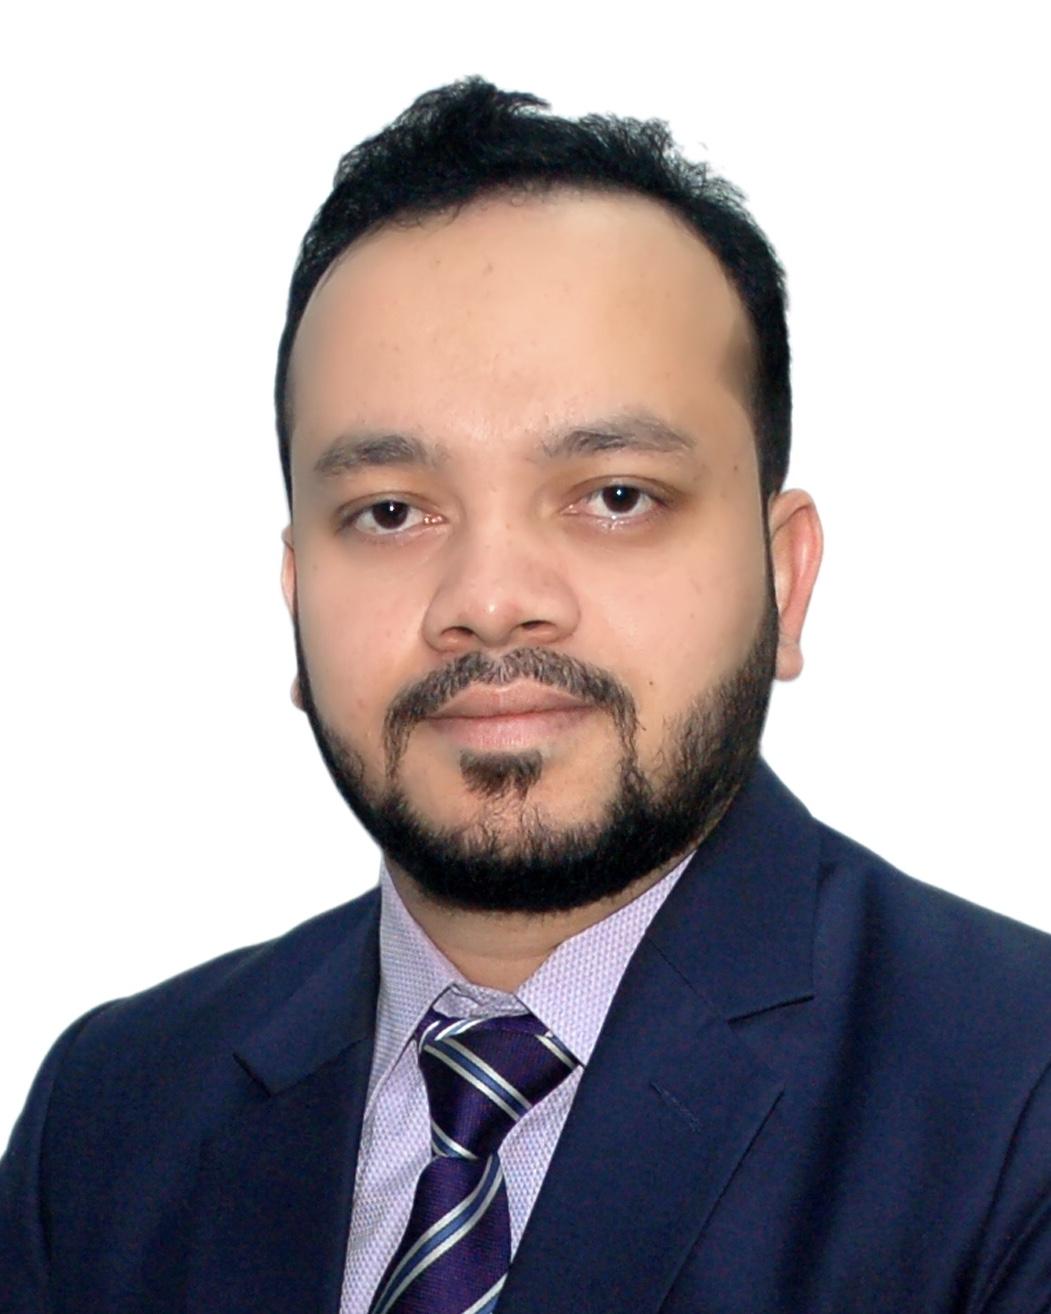 ENGR. MD. MAZHARUL ISLAM FAKIR